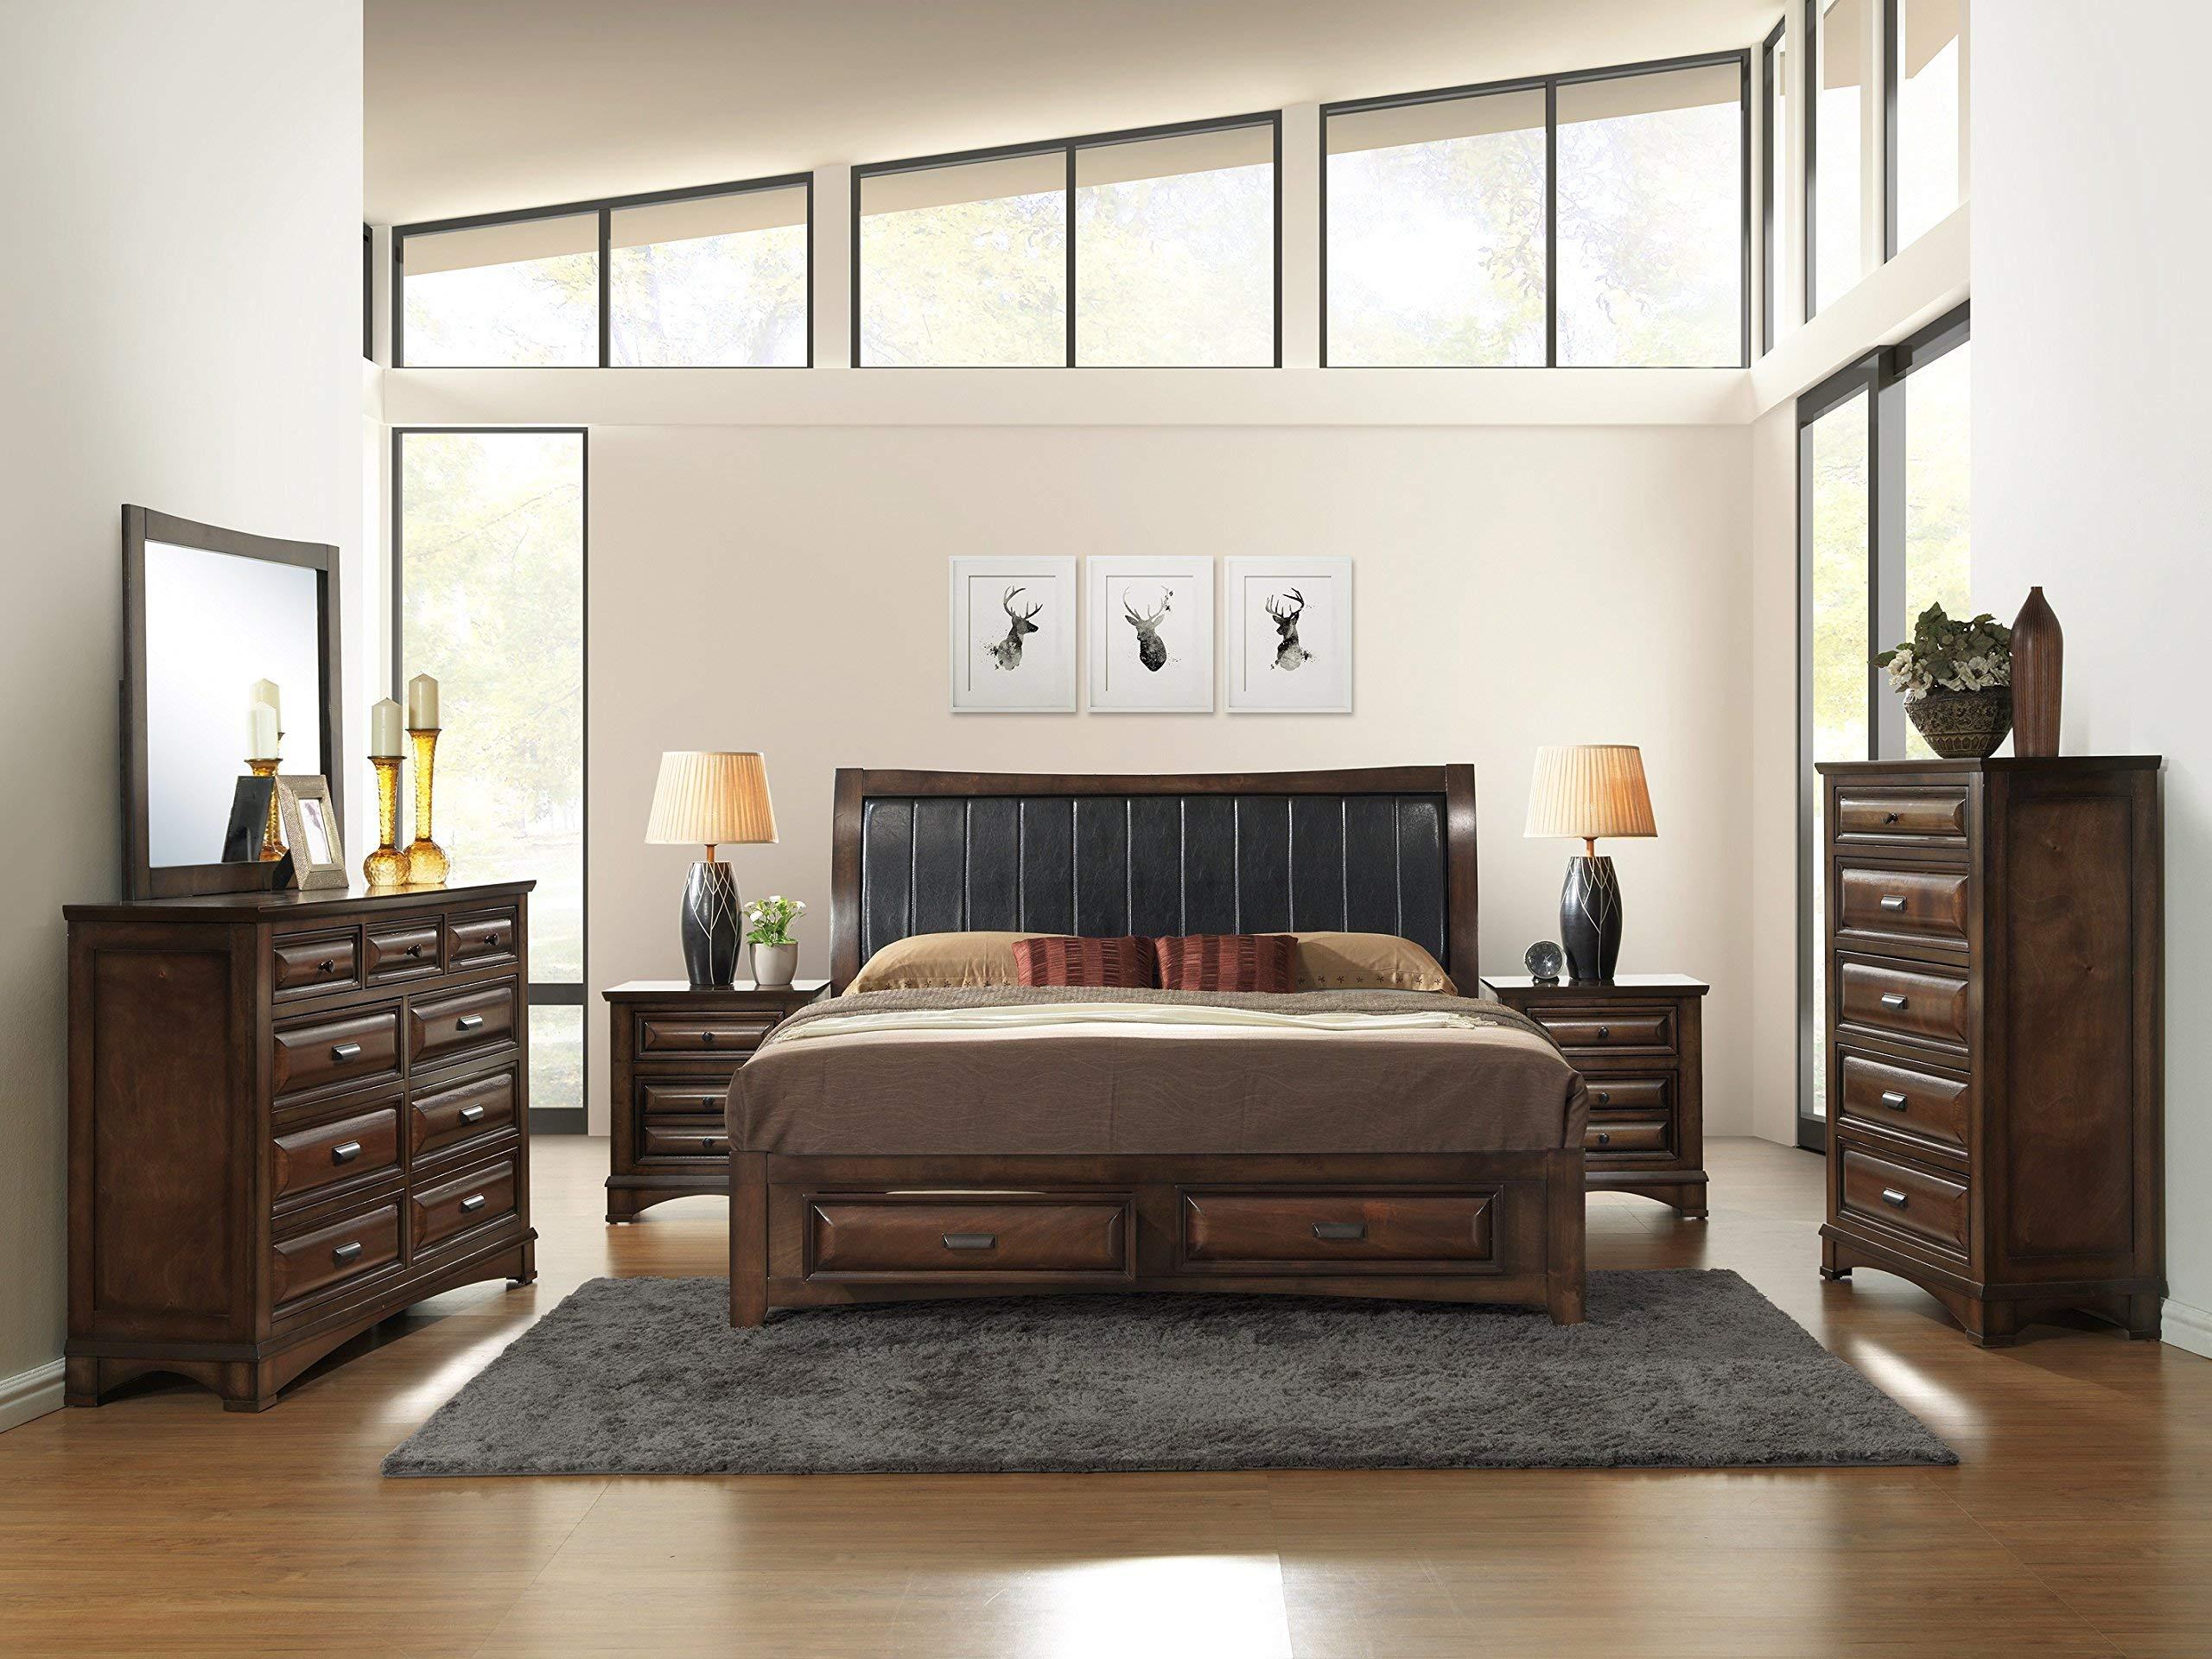 Roundhill Furniture Broval 179 Light Espresso Finish Queen Storage Bed, Dresser, Mirror, 2 Night Stands, Chest Wood Bed Room Set by Roundhill Furniture